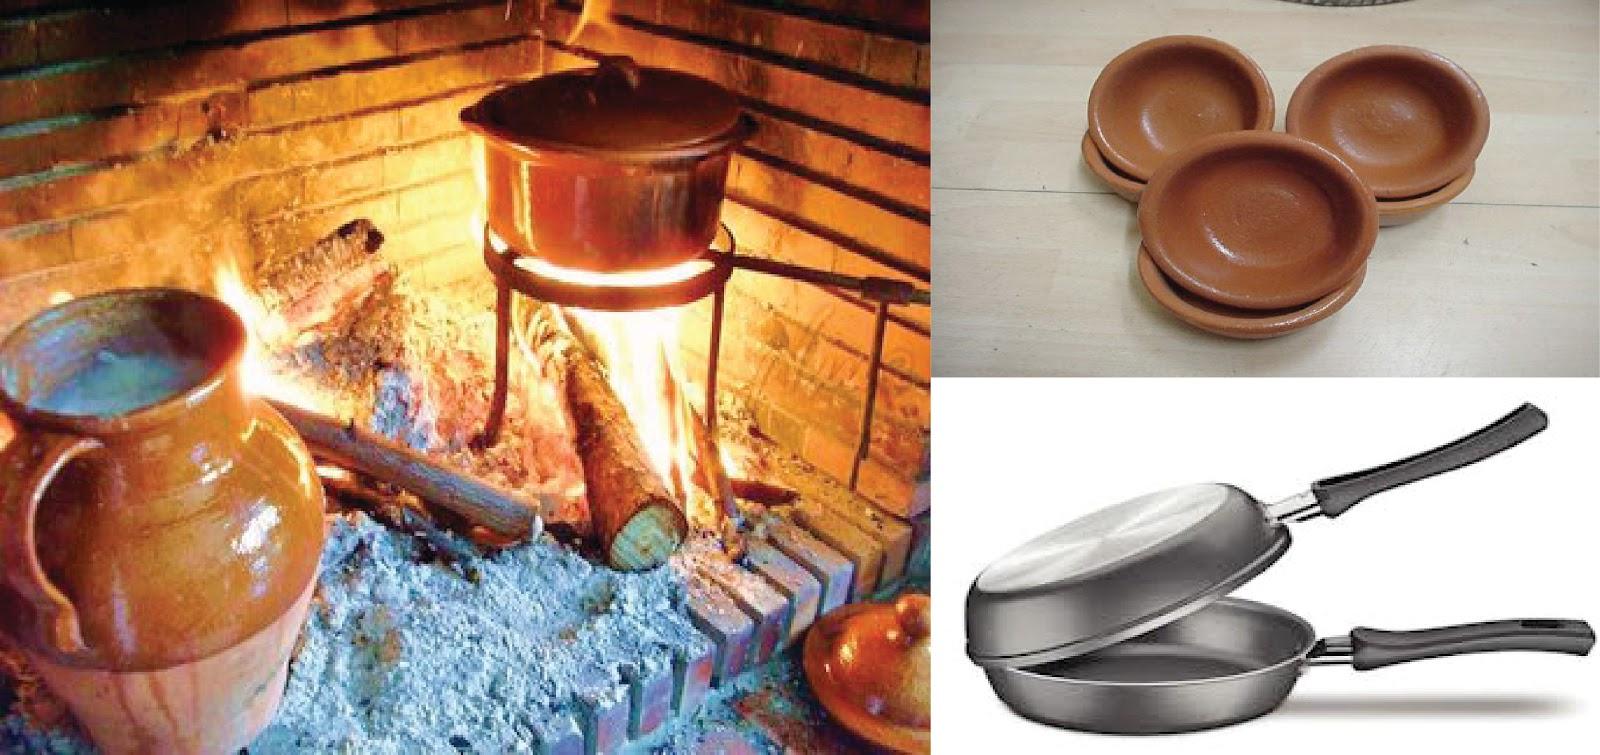 Cocina habitus e identidad la importancia de las cosas for Objetos para cocinar